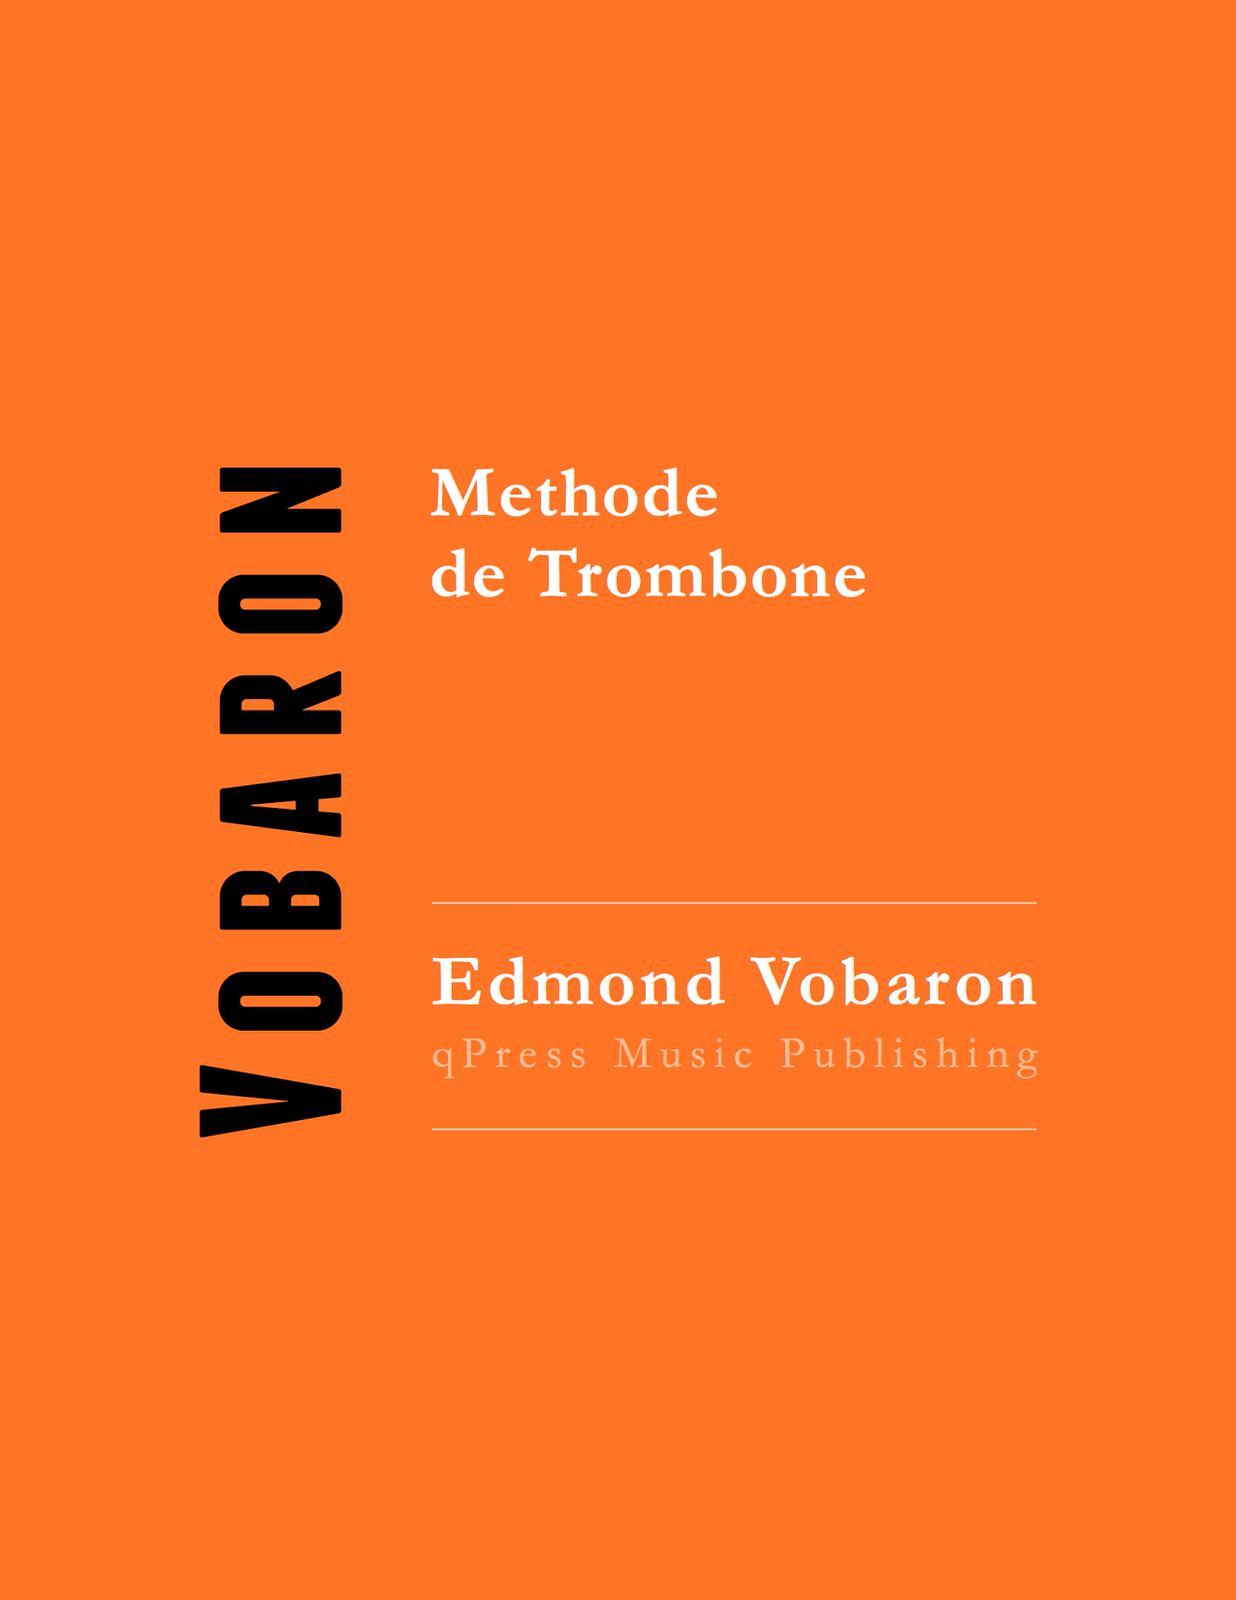 Vobaron, Edmond, Methode de Trombone